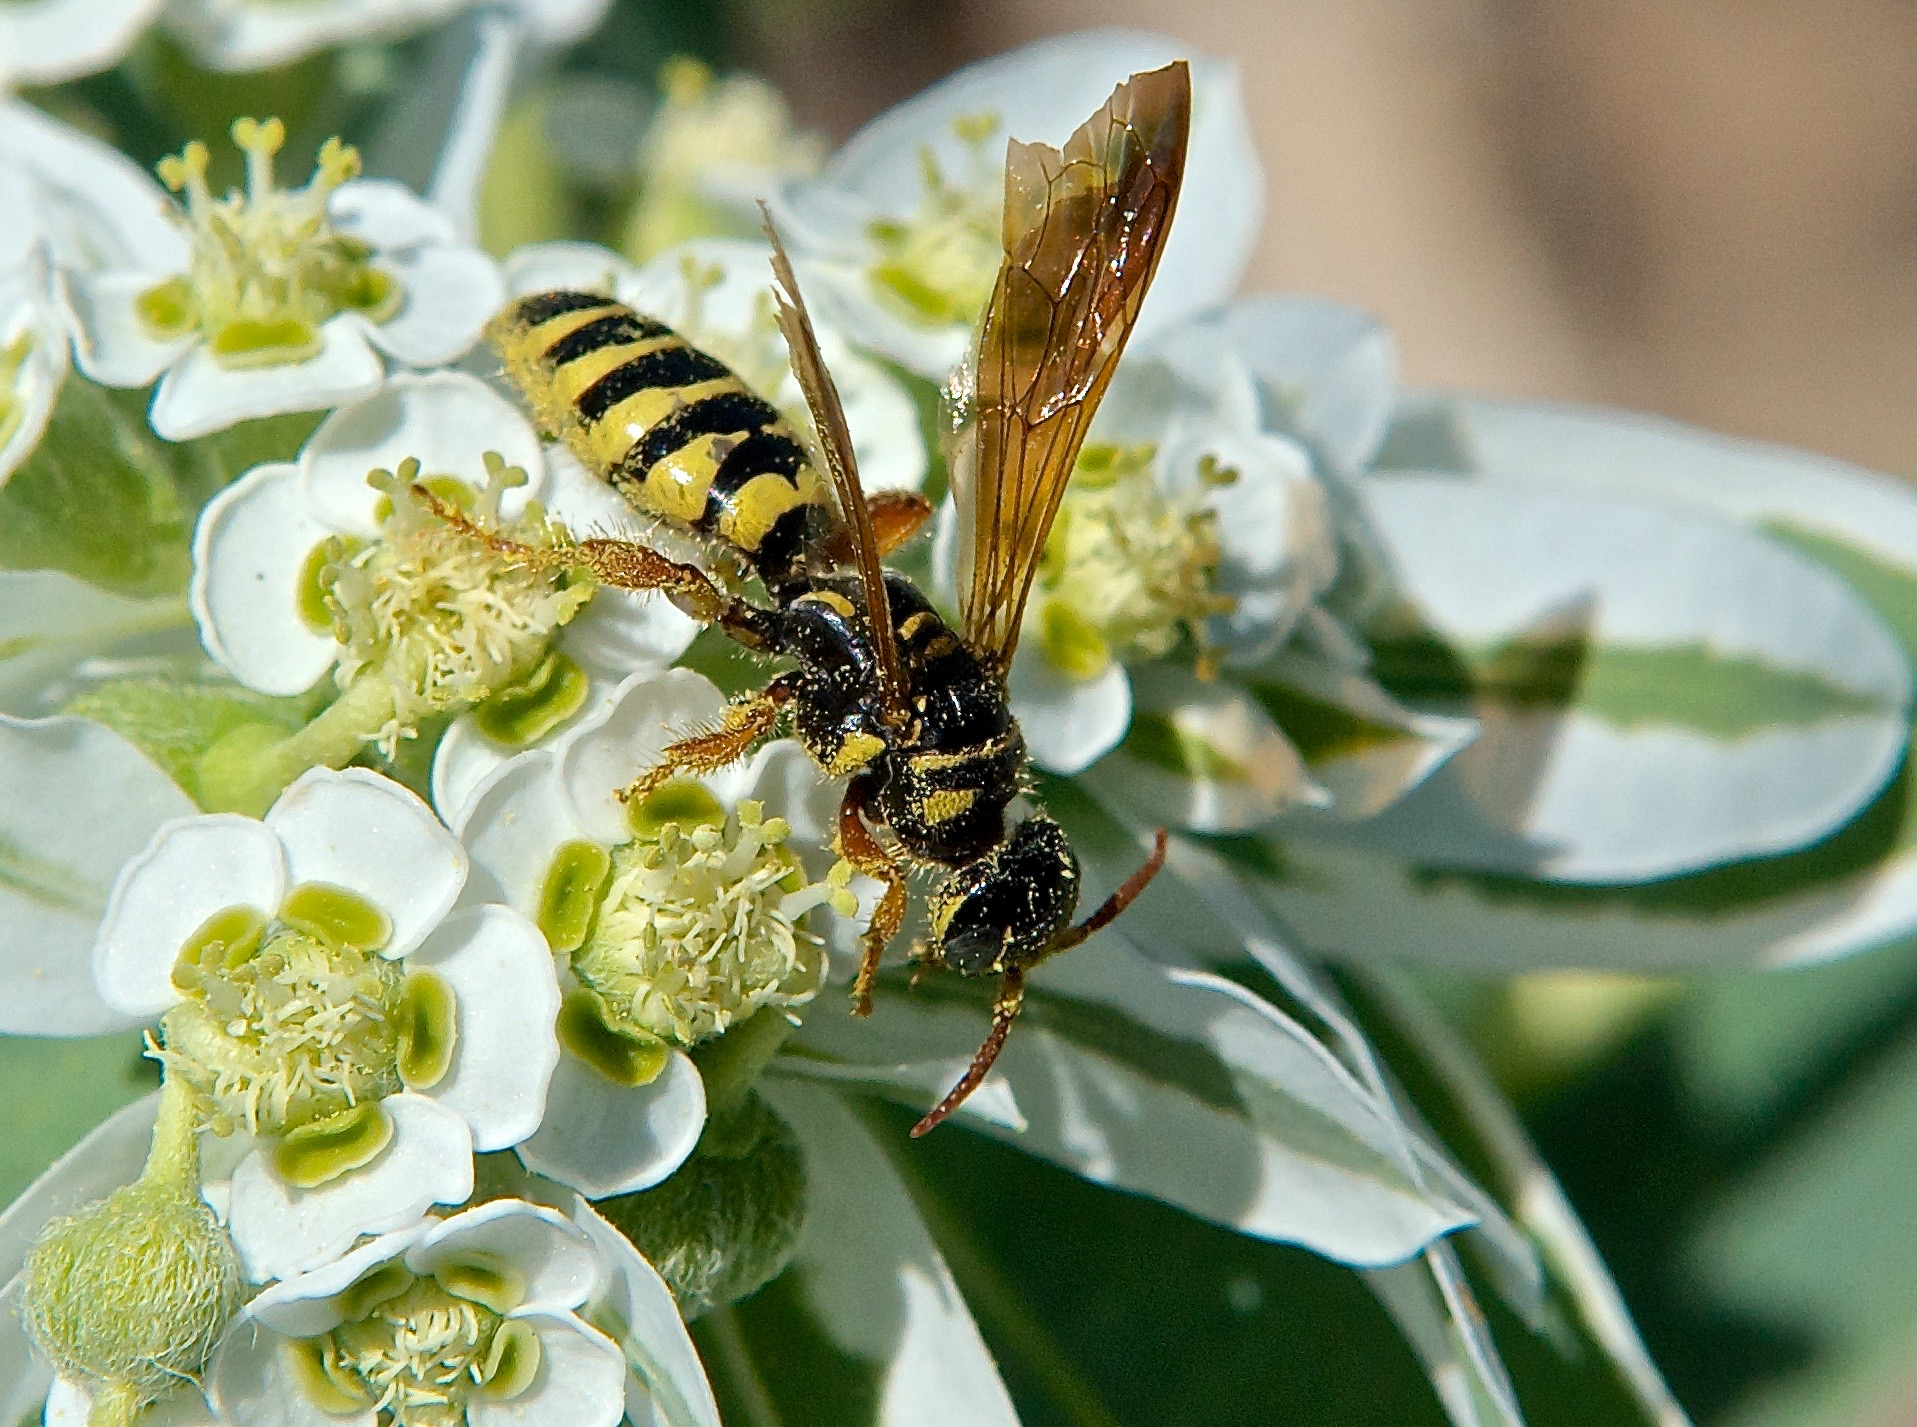 Eusapyga verticalis (Stelis?) Wasp on Snow on the Mountain